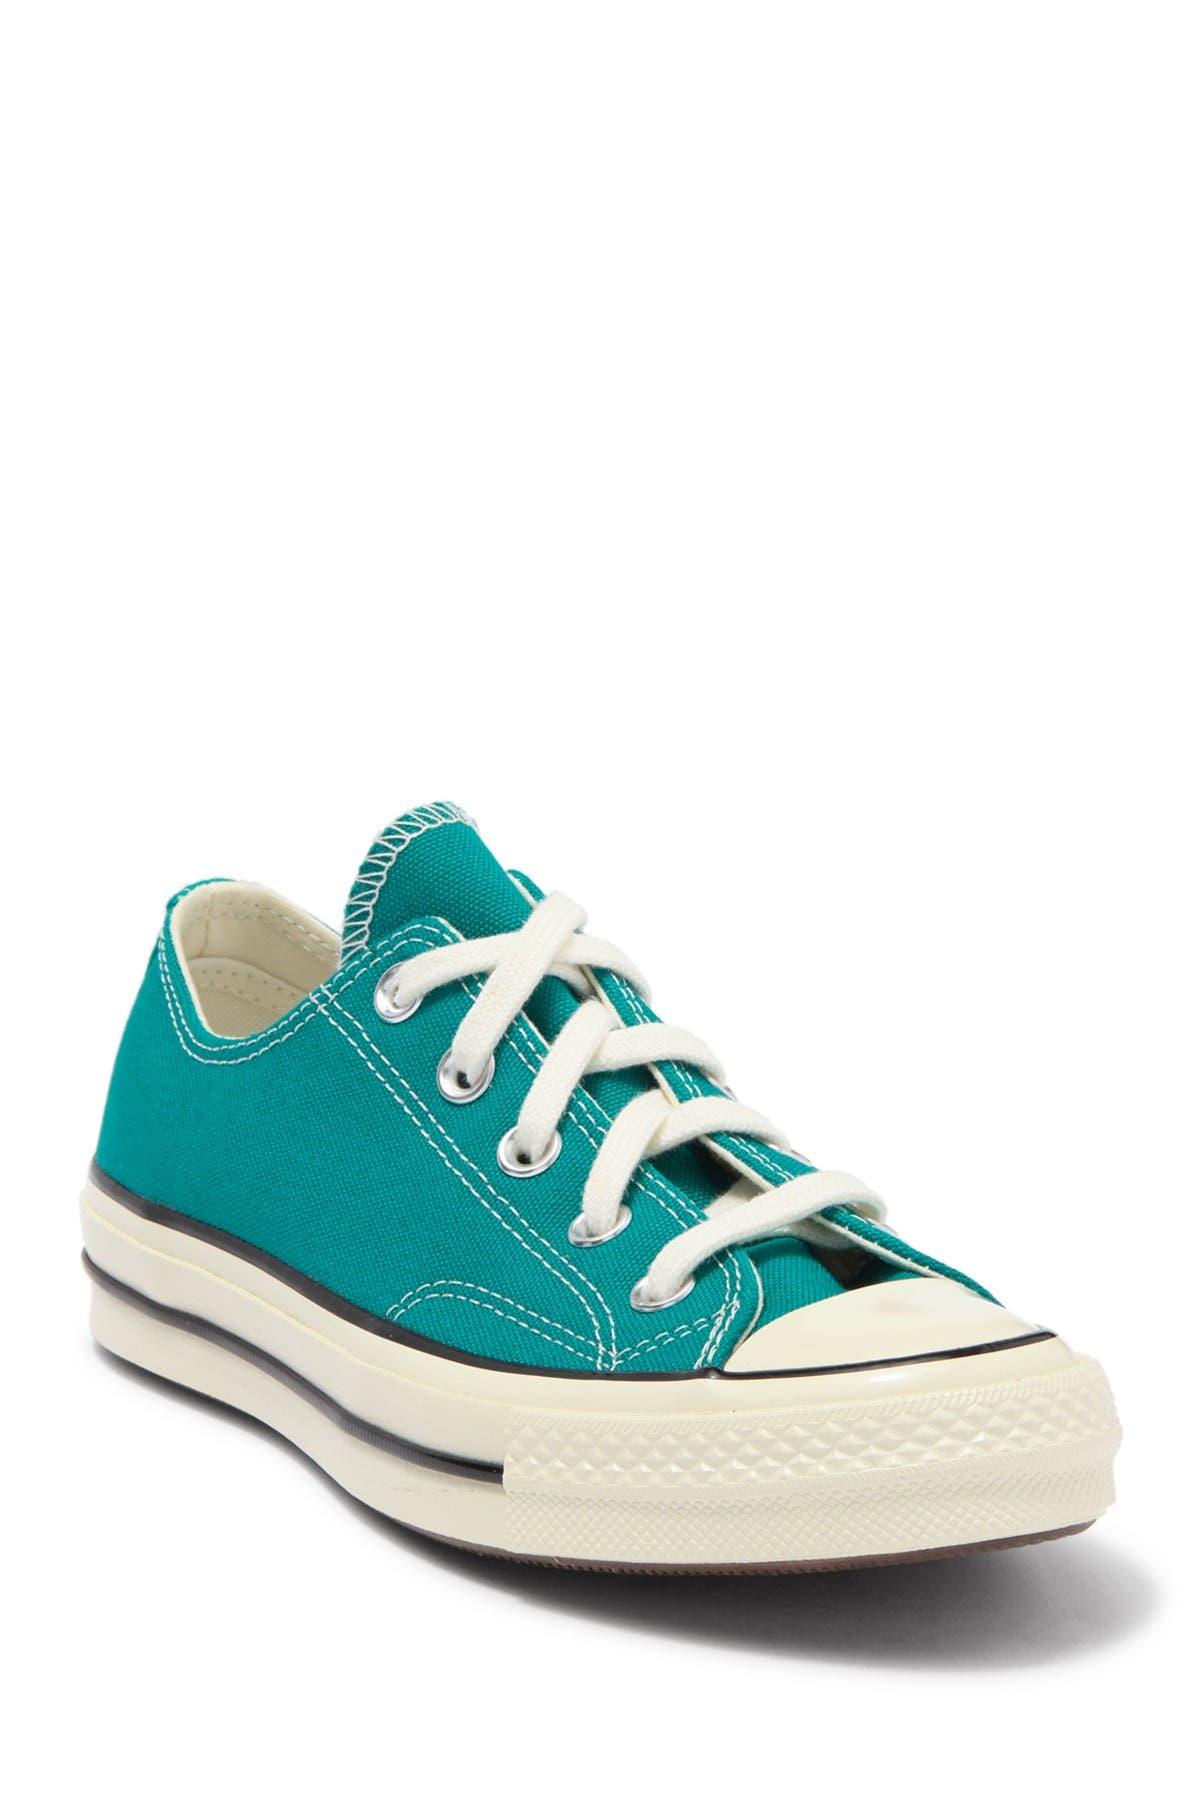 Image of Converse Chuck 70 Oxford Malachite Sneaker